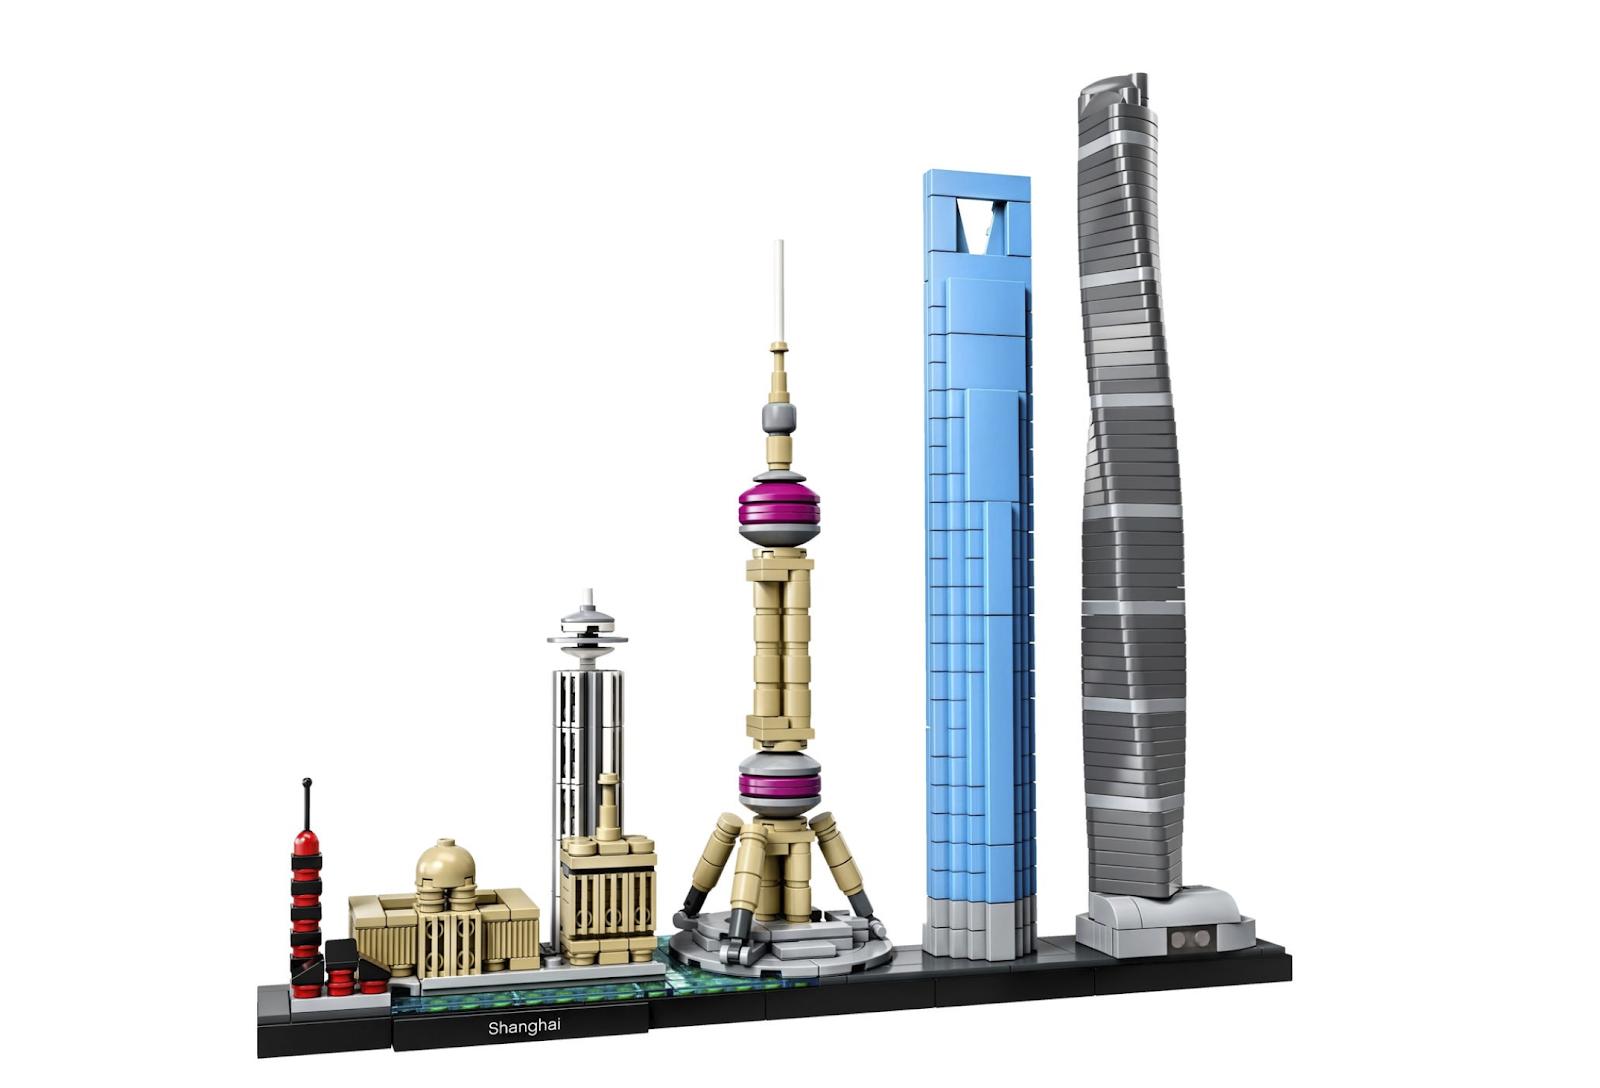 上海 Shanghai(21039)